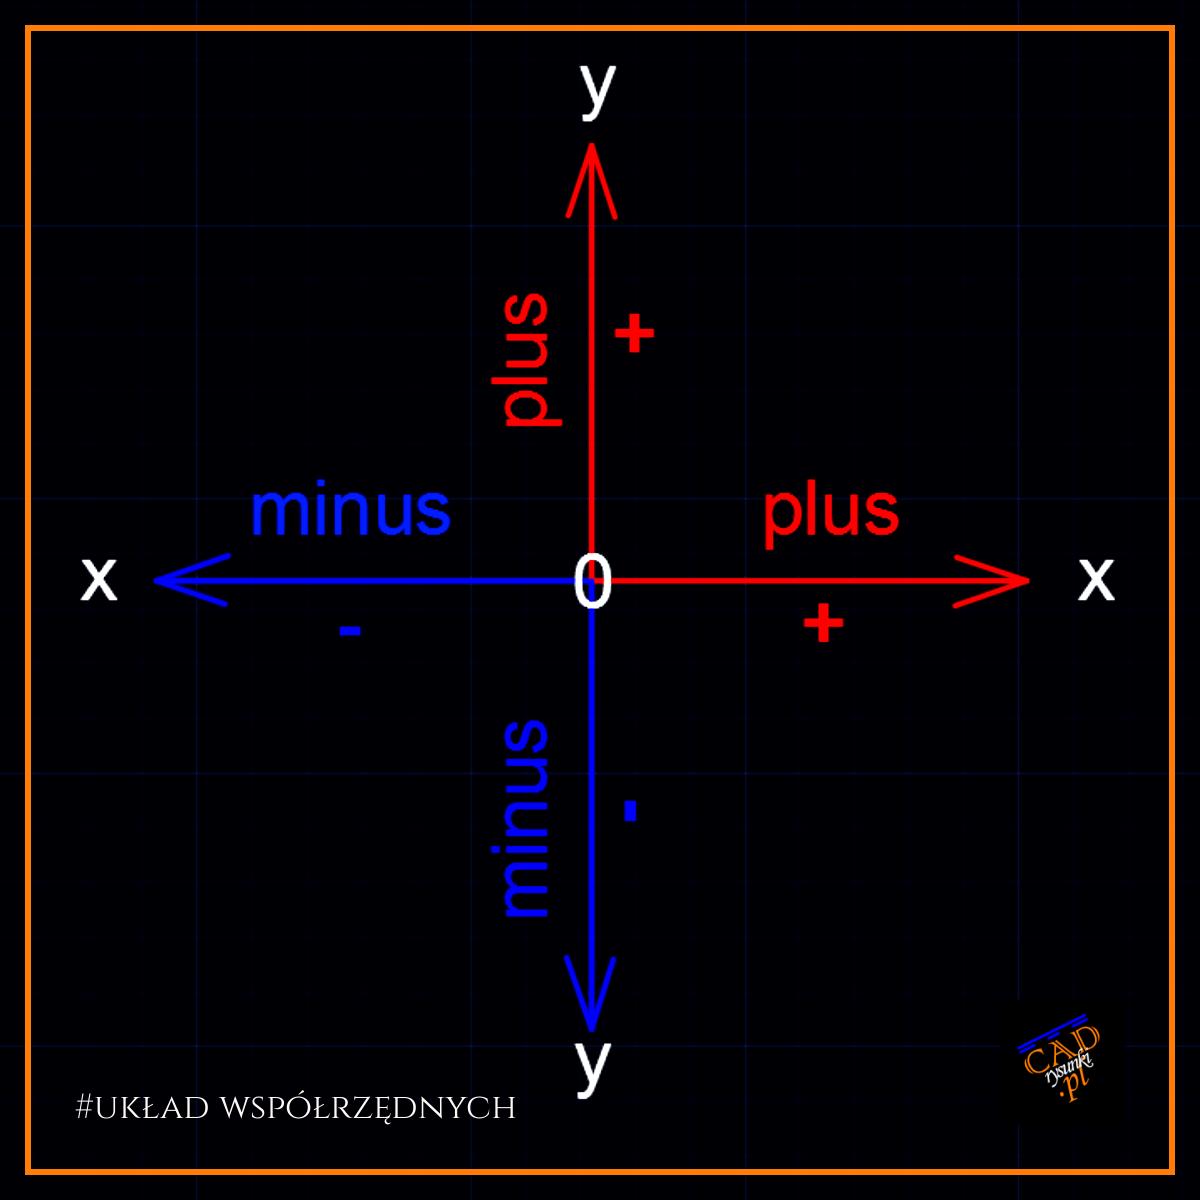 Schemat rysunkowy ukladu współrzędnych na którym przedstawiono kierunki osi oraz wartości w tematyce współrzędne względne.